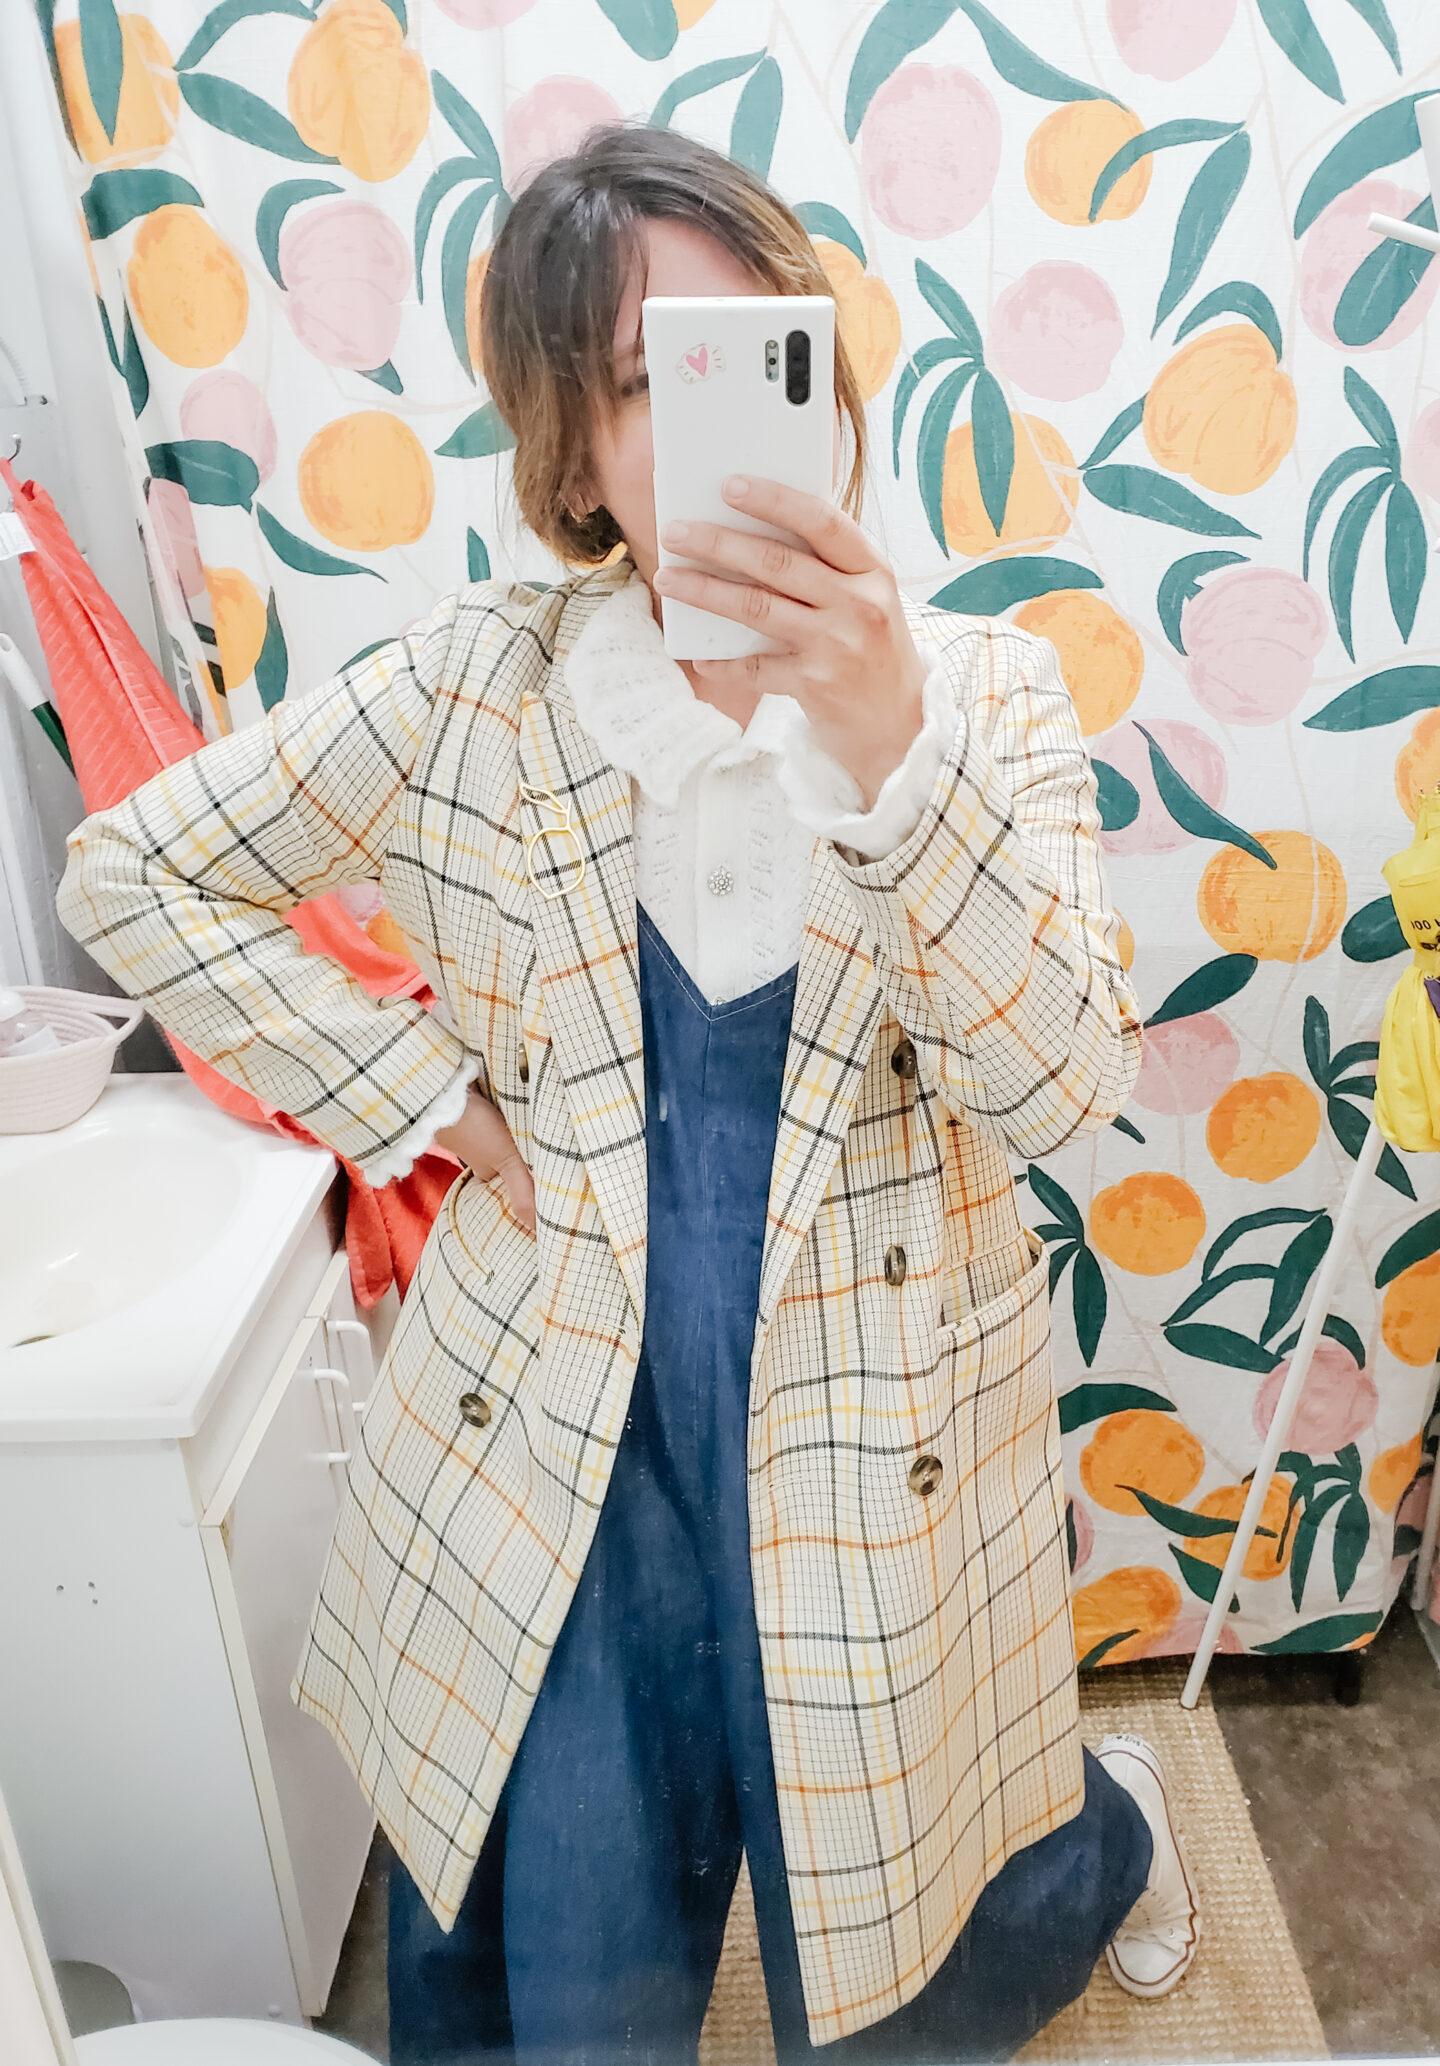 Bathroom Selfie Style